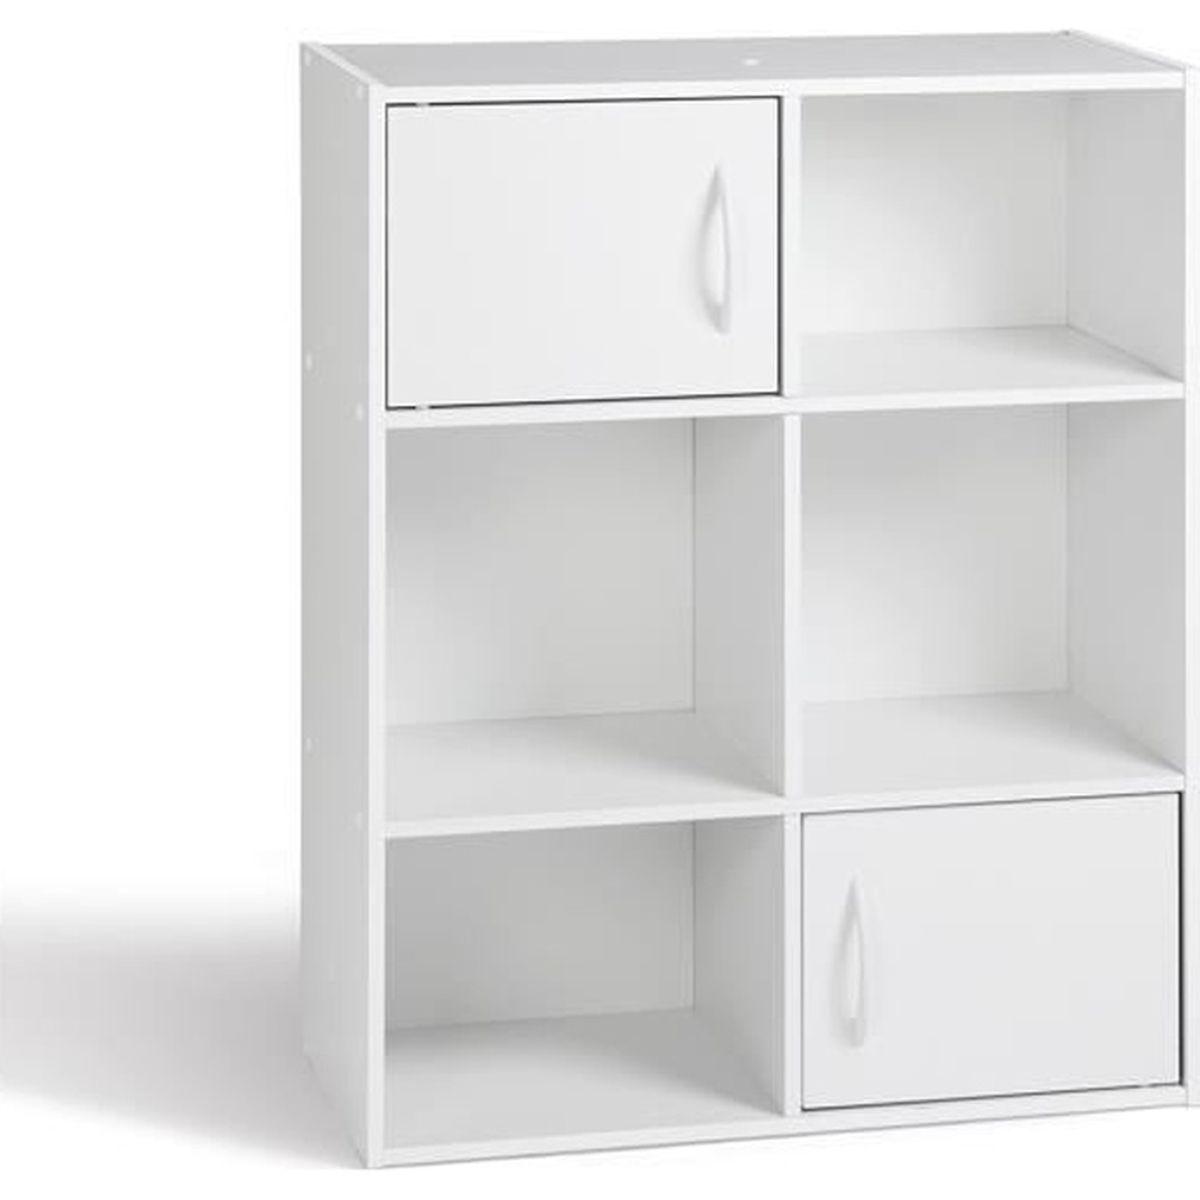 Petit Meuble De Rangement Blanc.Meuble De Rangement Blanc En Panneaux De Particules 61 5x29 5x80 Cm